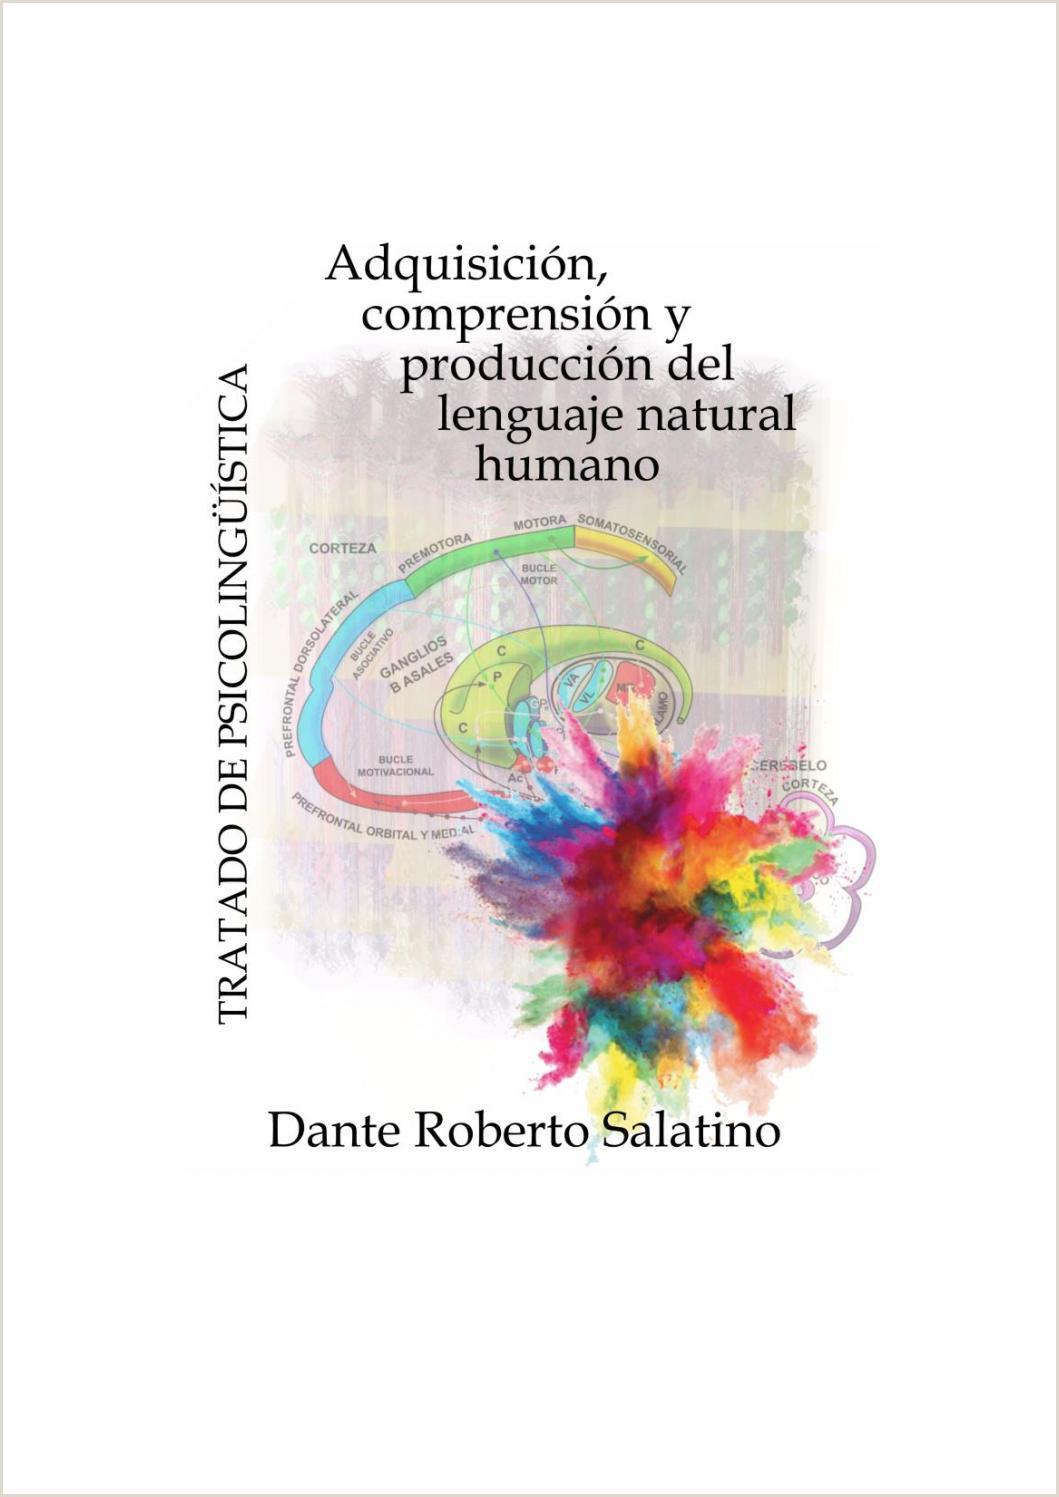 Formato De Hoja De Vida Descarga Tratado De Psicolingüstica by Dante Salatino issuu